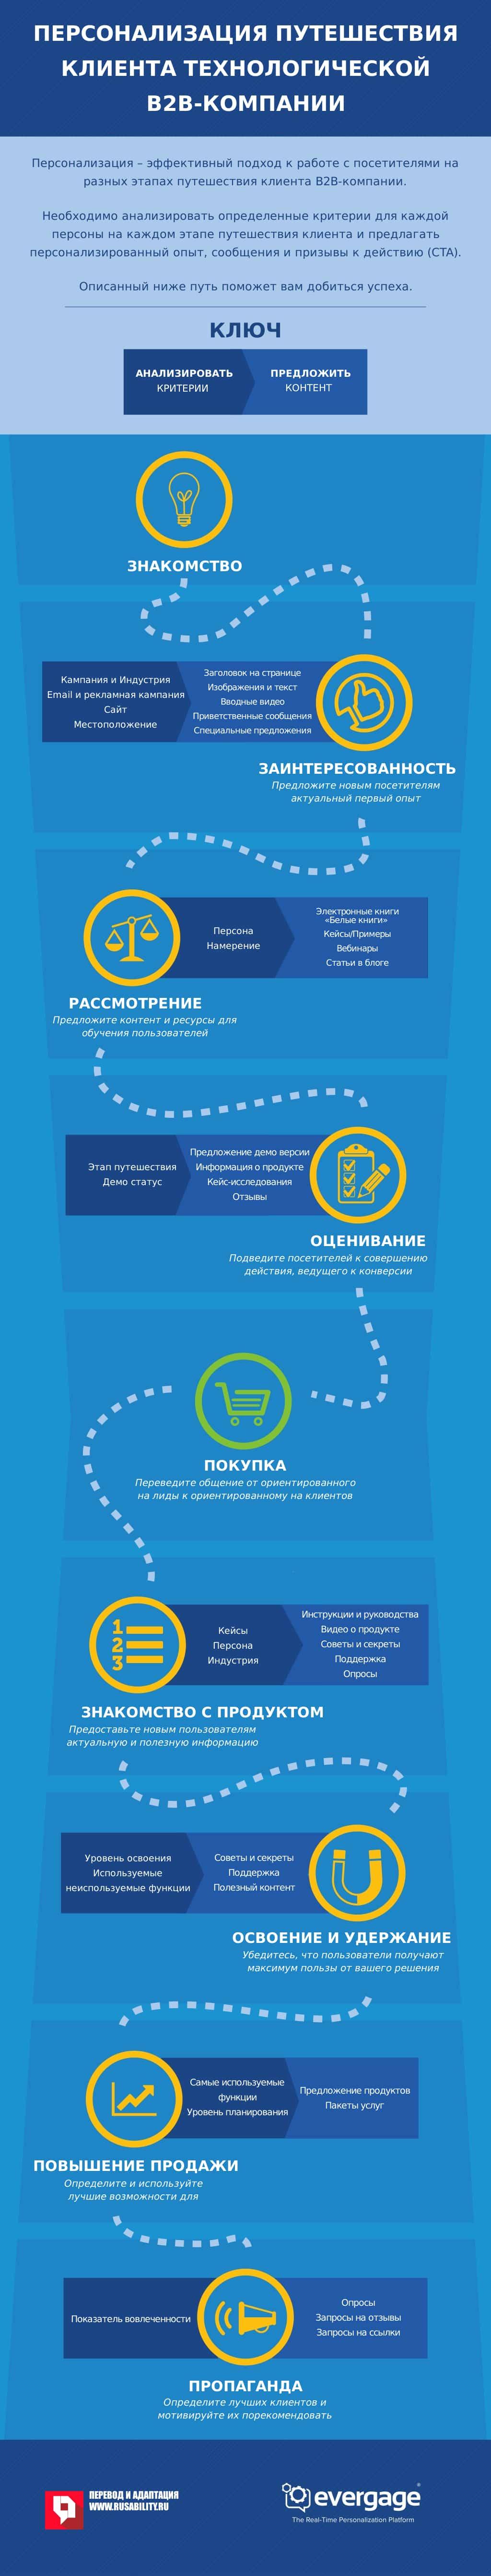 b2b, персонализация, путешествие клиента, интернет-маркетинг, инфографика